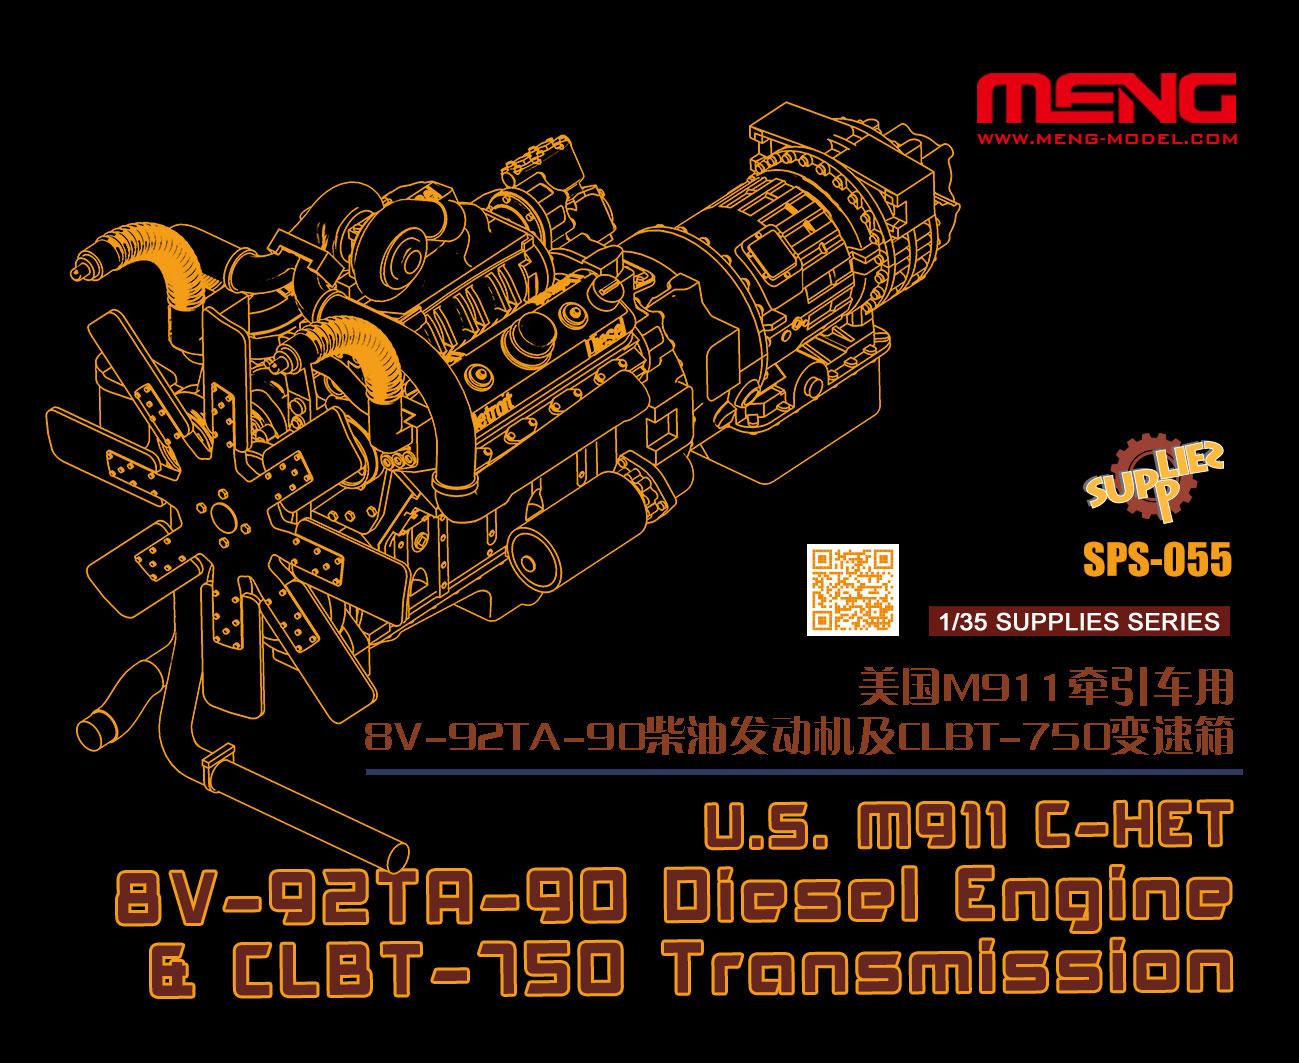 Meng 1/35 U.S. M911 C-HET 8V-92TA-90 Diesel Engine & CLBT-750 Transmission (Resin)